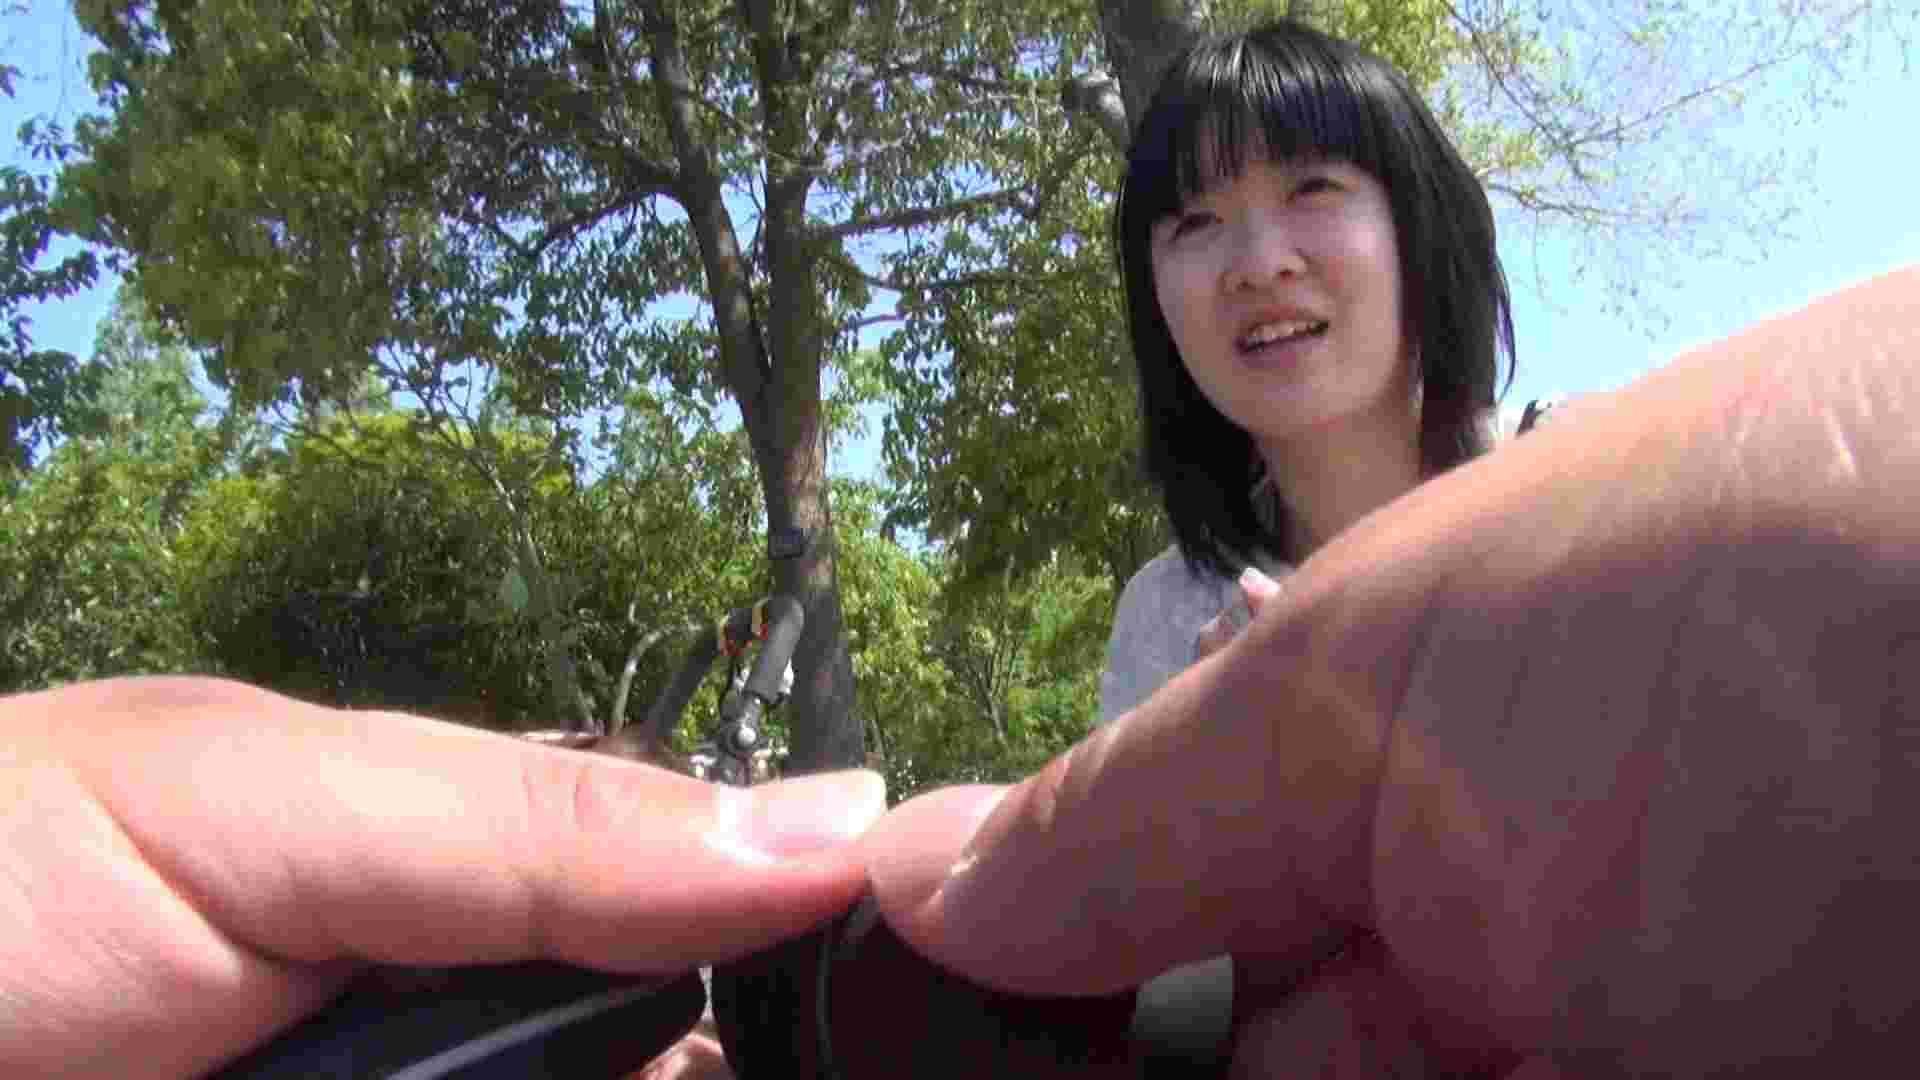 【母の時・01】インタビュー→とびっこ ドキュメント  94pic 56